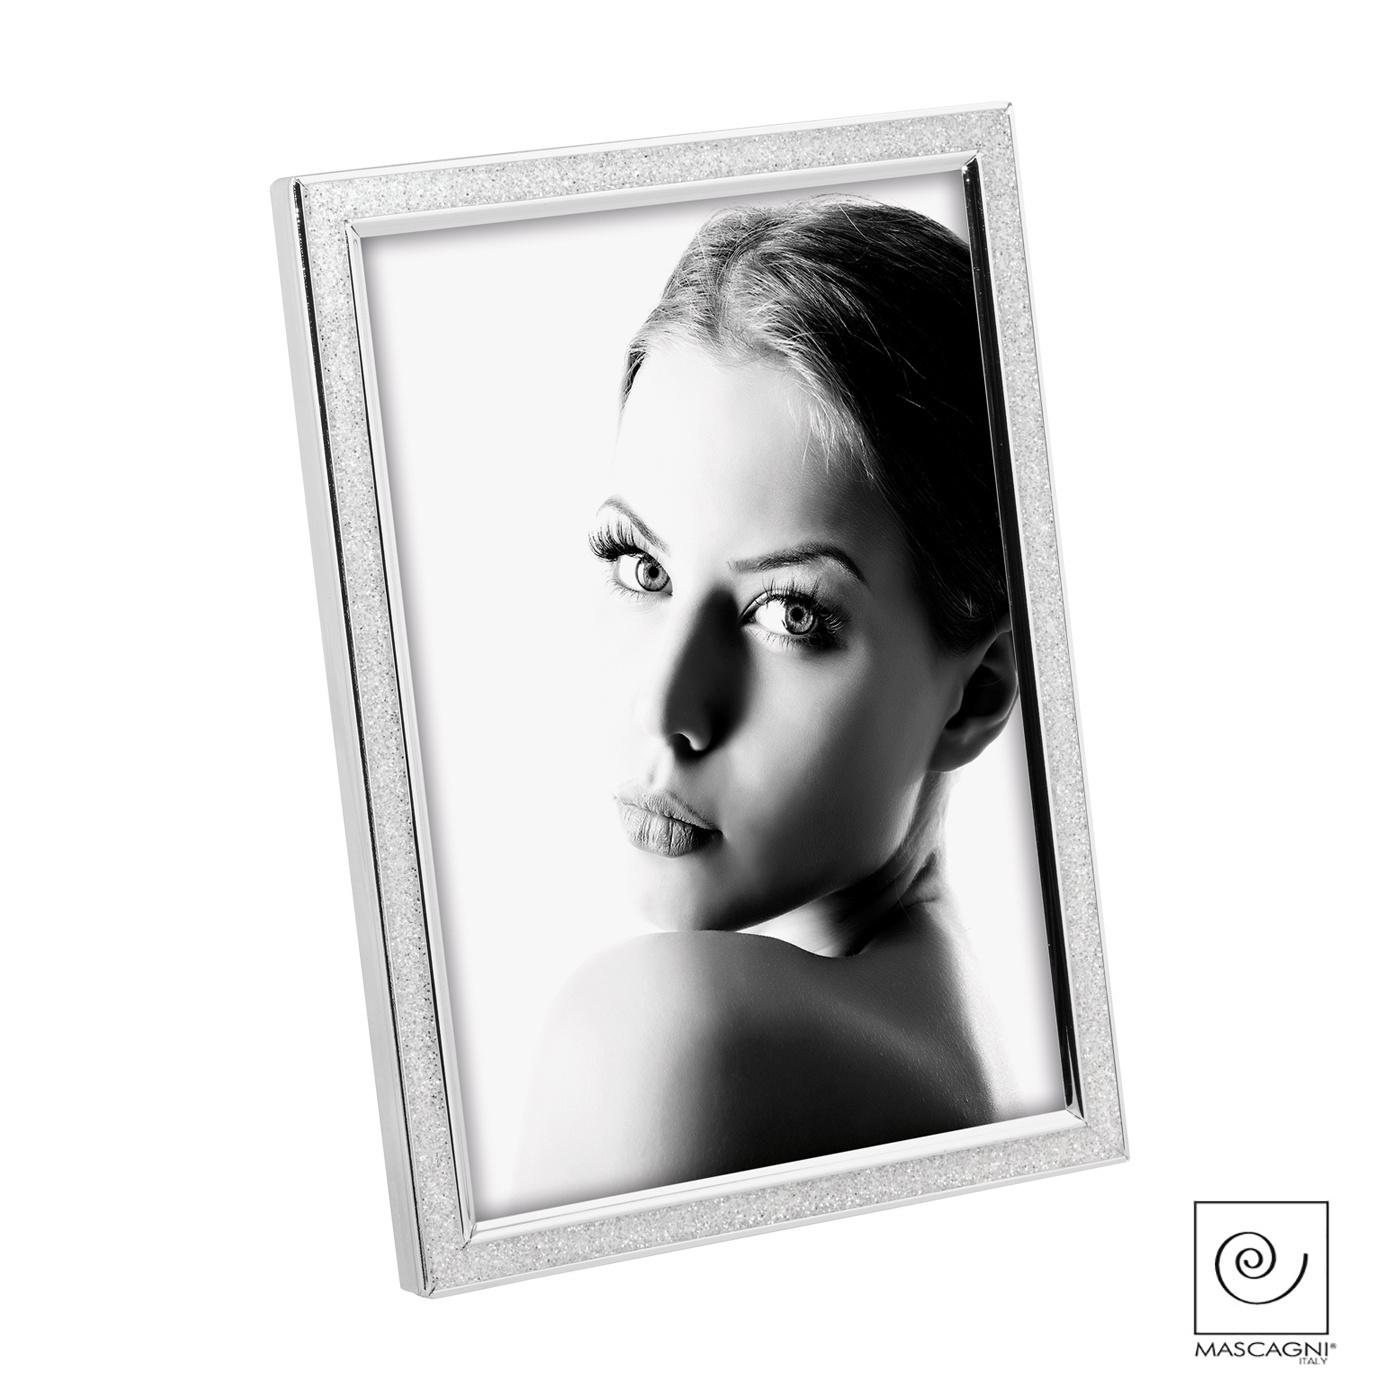 Art Mascagni A1066 PHOTO FRAME 13X18 - COL.WHITE